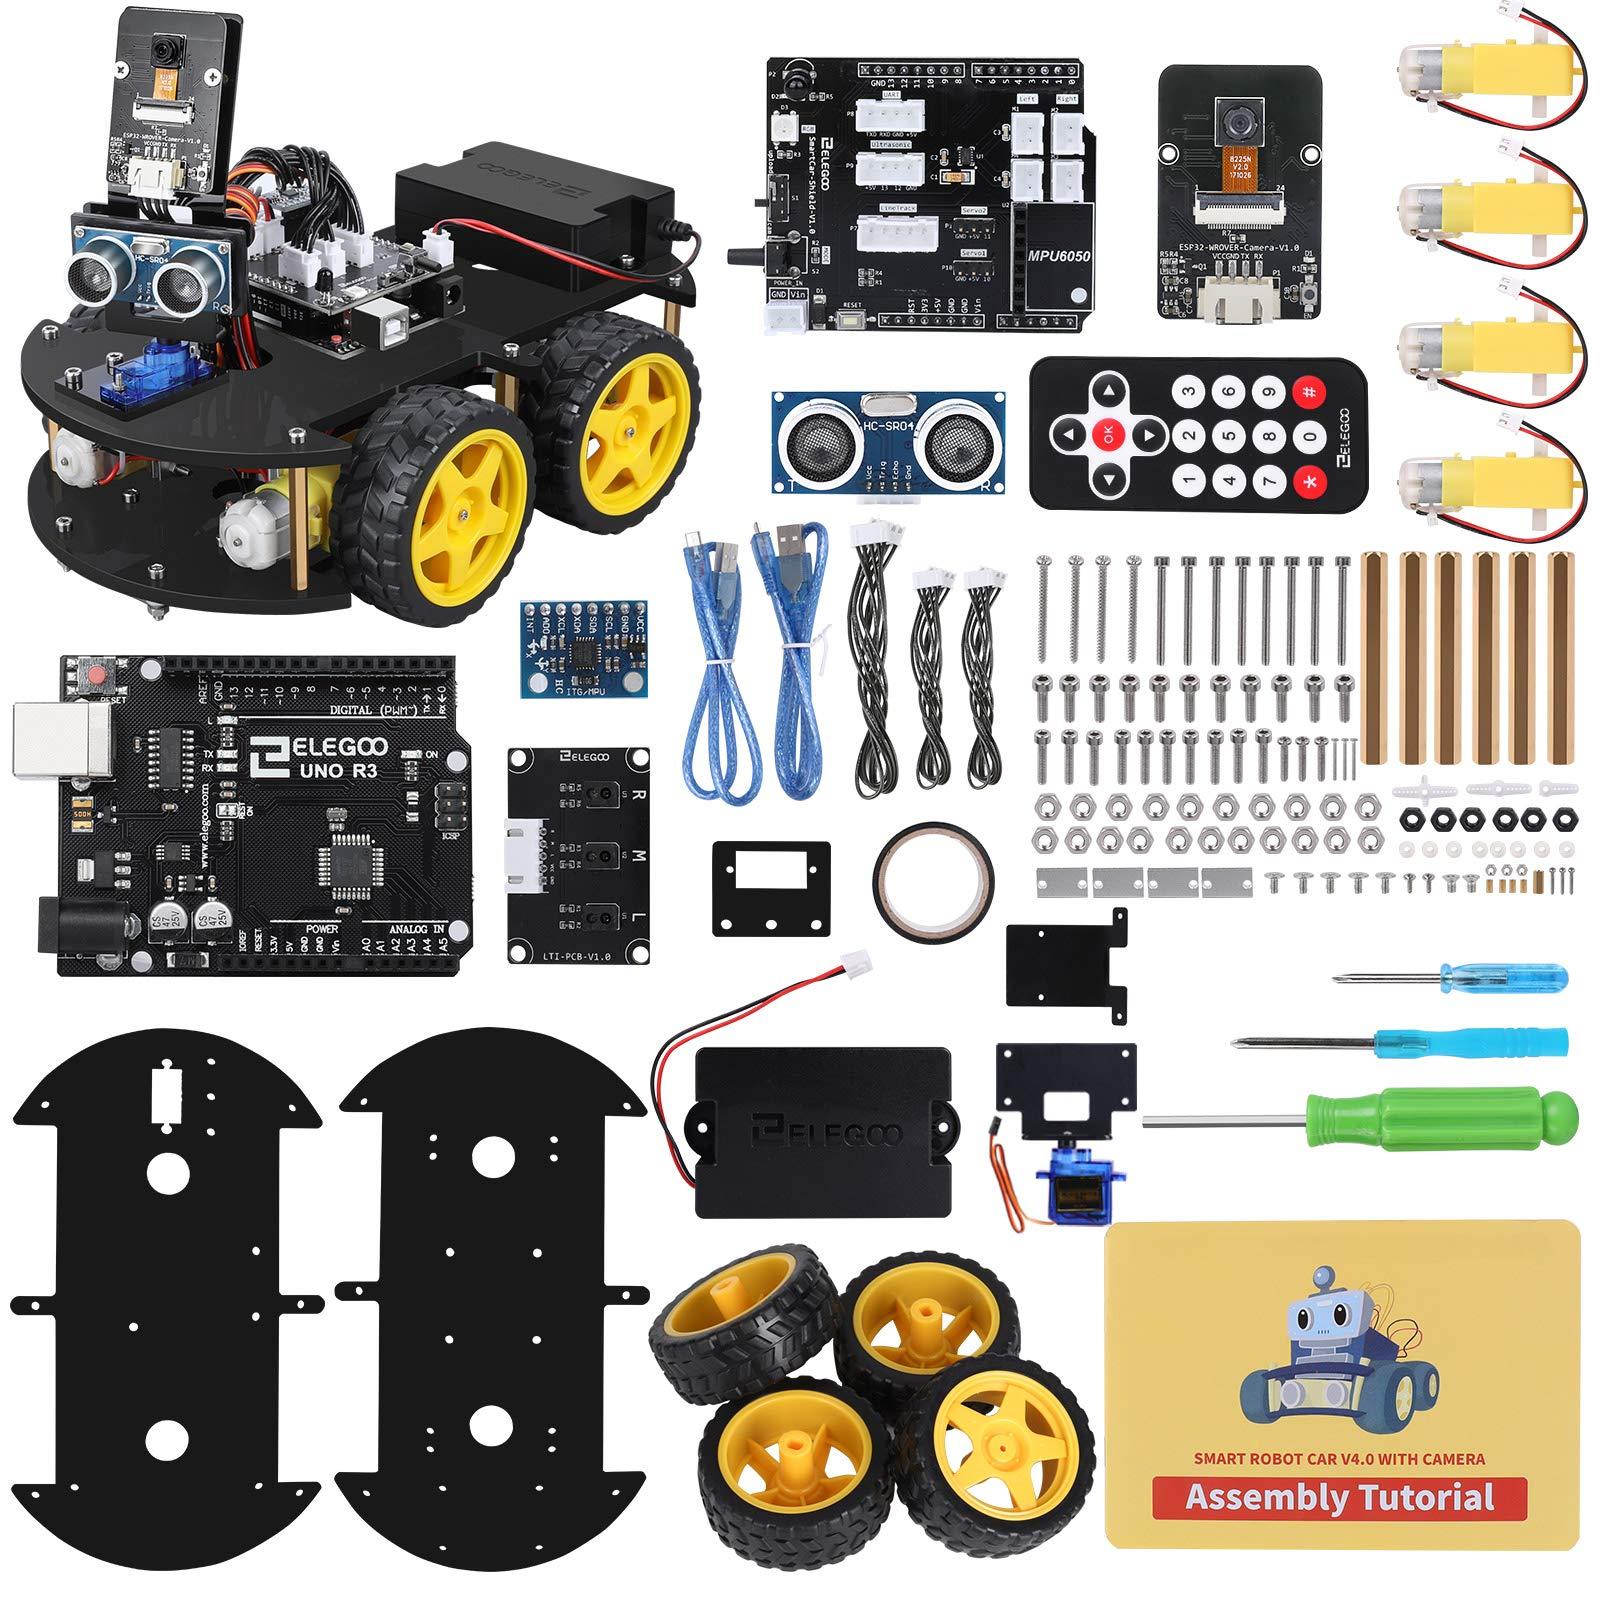 Robot Educativo para armar y programar en Arduino ELEGOO f